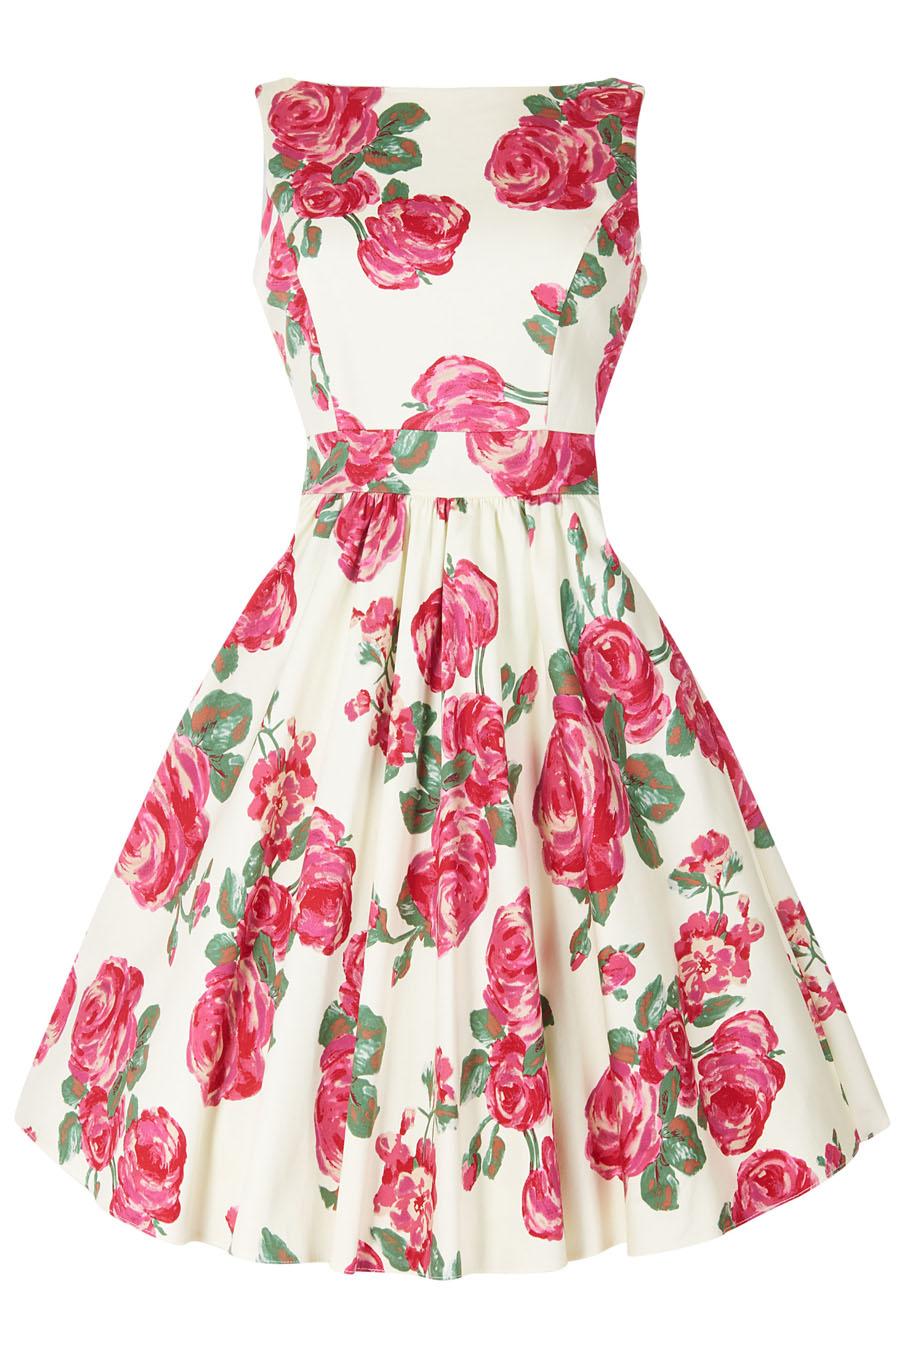 Vanilkové retro šaty s růžemi Lady V London Tea Lady V London ... 6d5b9fcea0